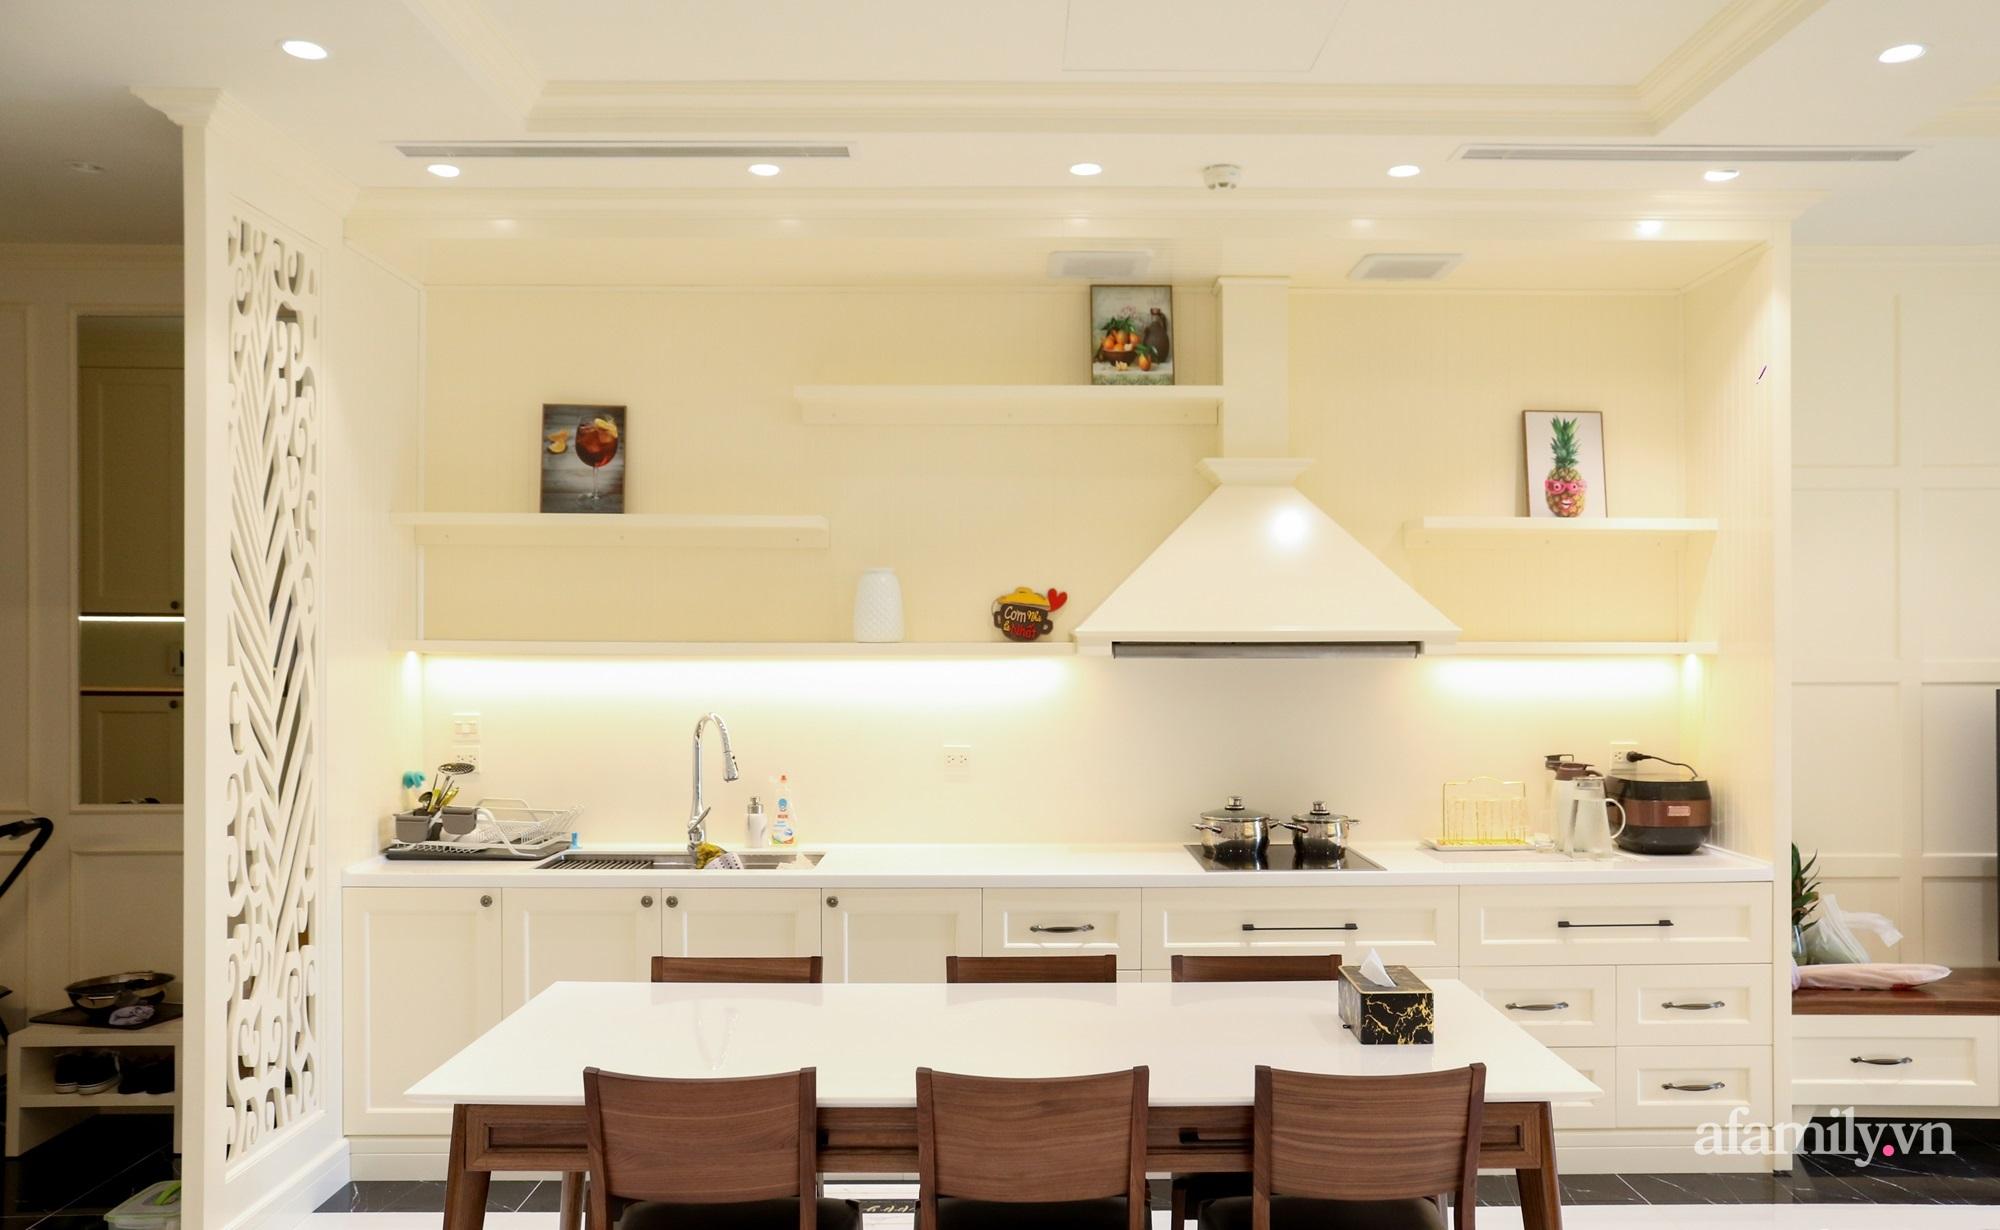 Căn hộ 121m² đẹp sang chảnh với phong cách bán cổ điển ở Hà Nội - Ảnh 7.